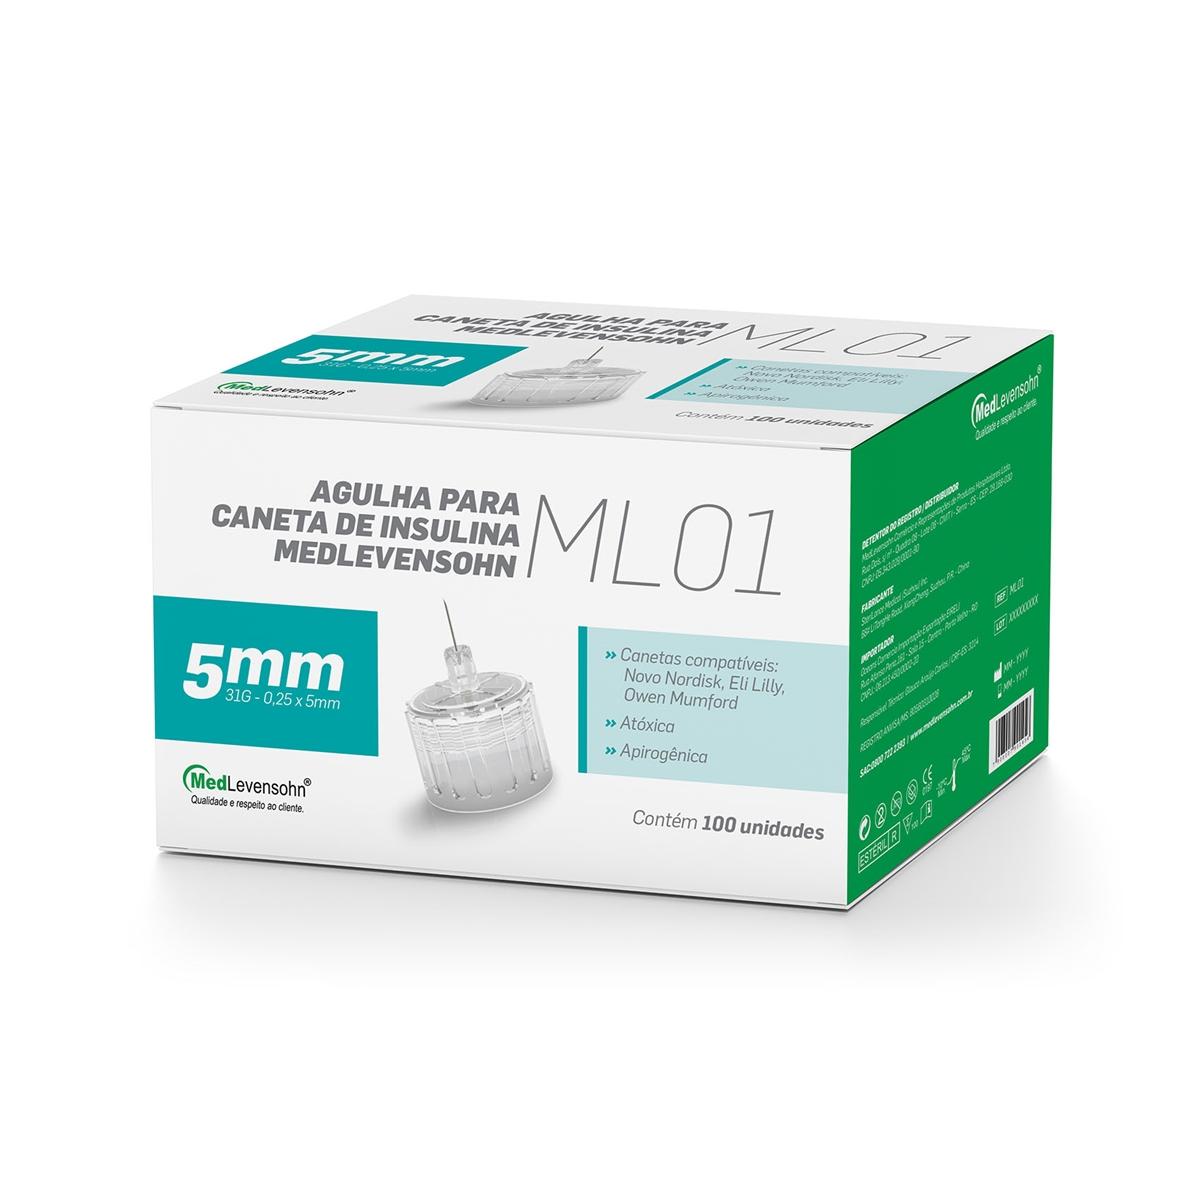 Agulha para Caneta de Insulina 5mm 100 unidades - MedLevensohn